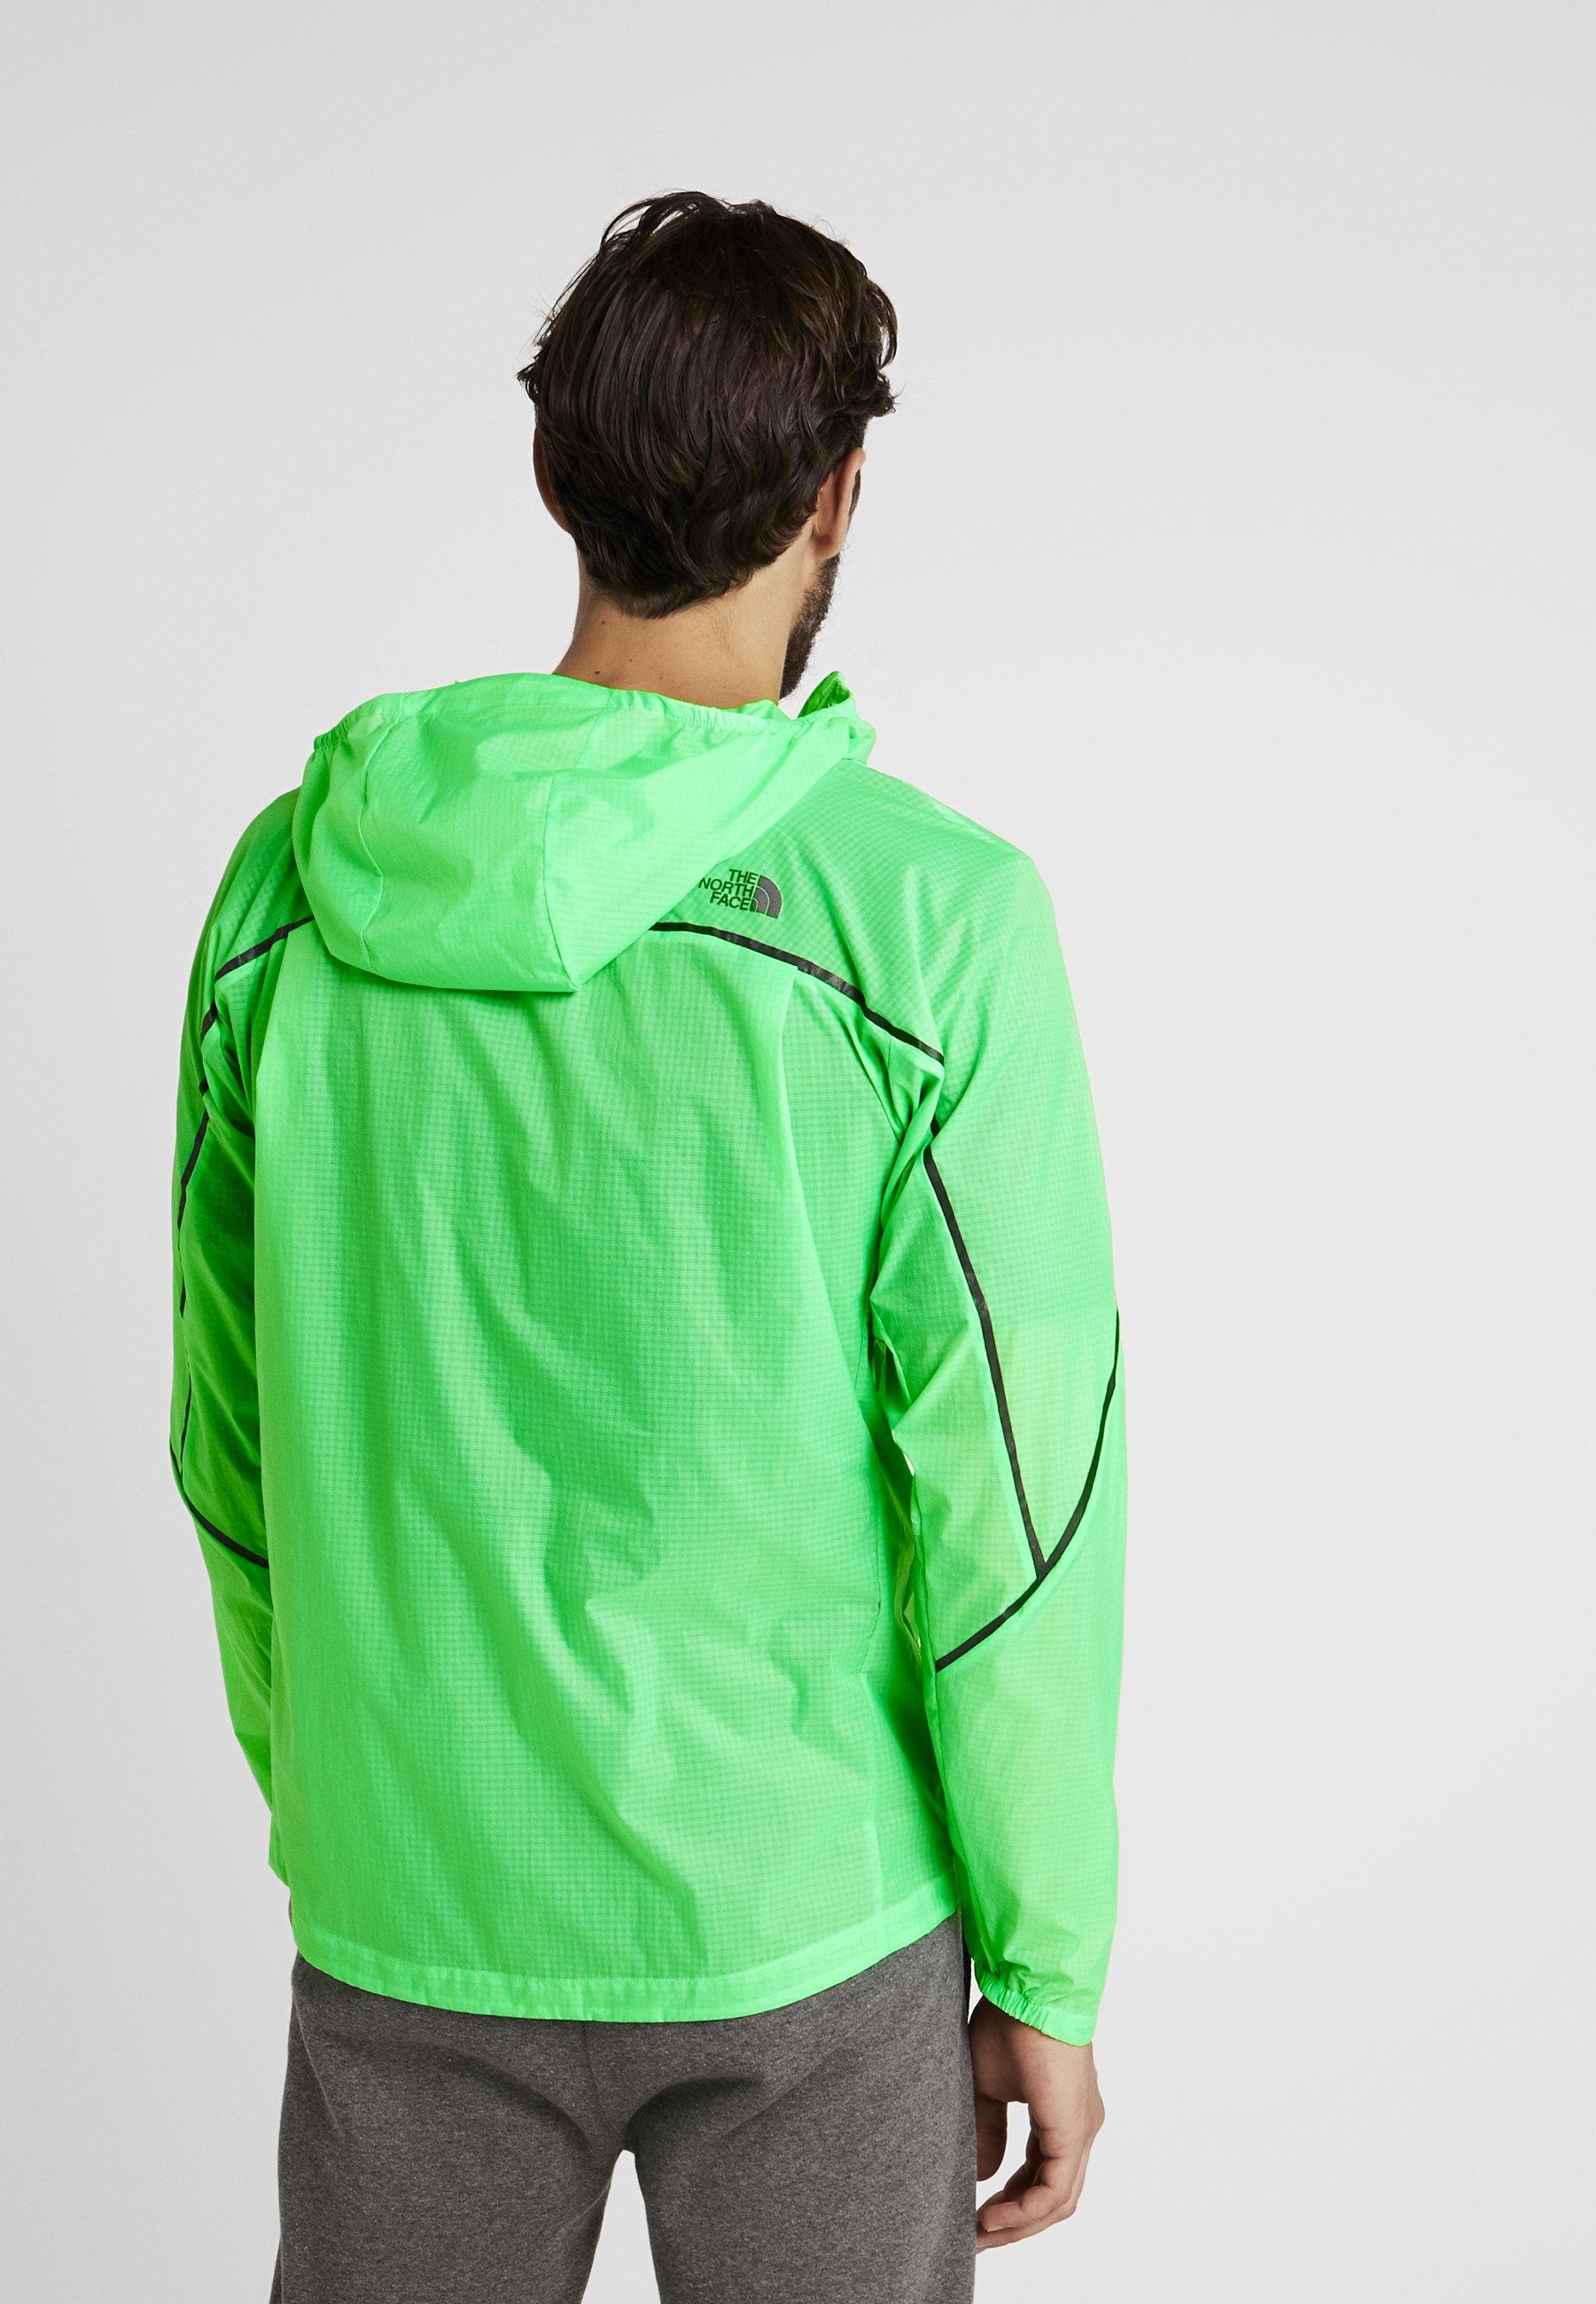 Face Chlorophyll Green JacketBlouson Wind The Flight North f76yYgb